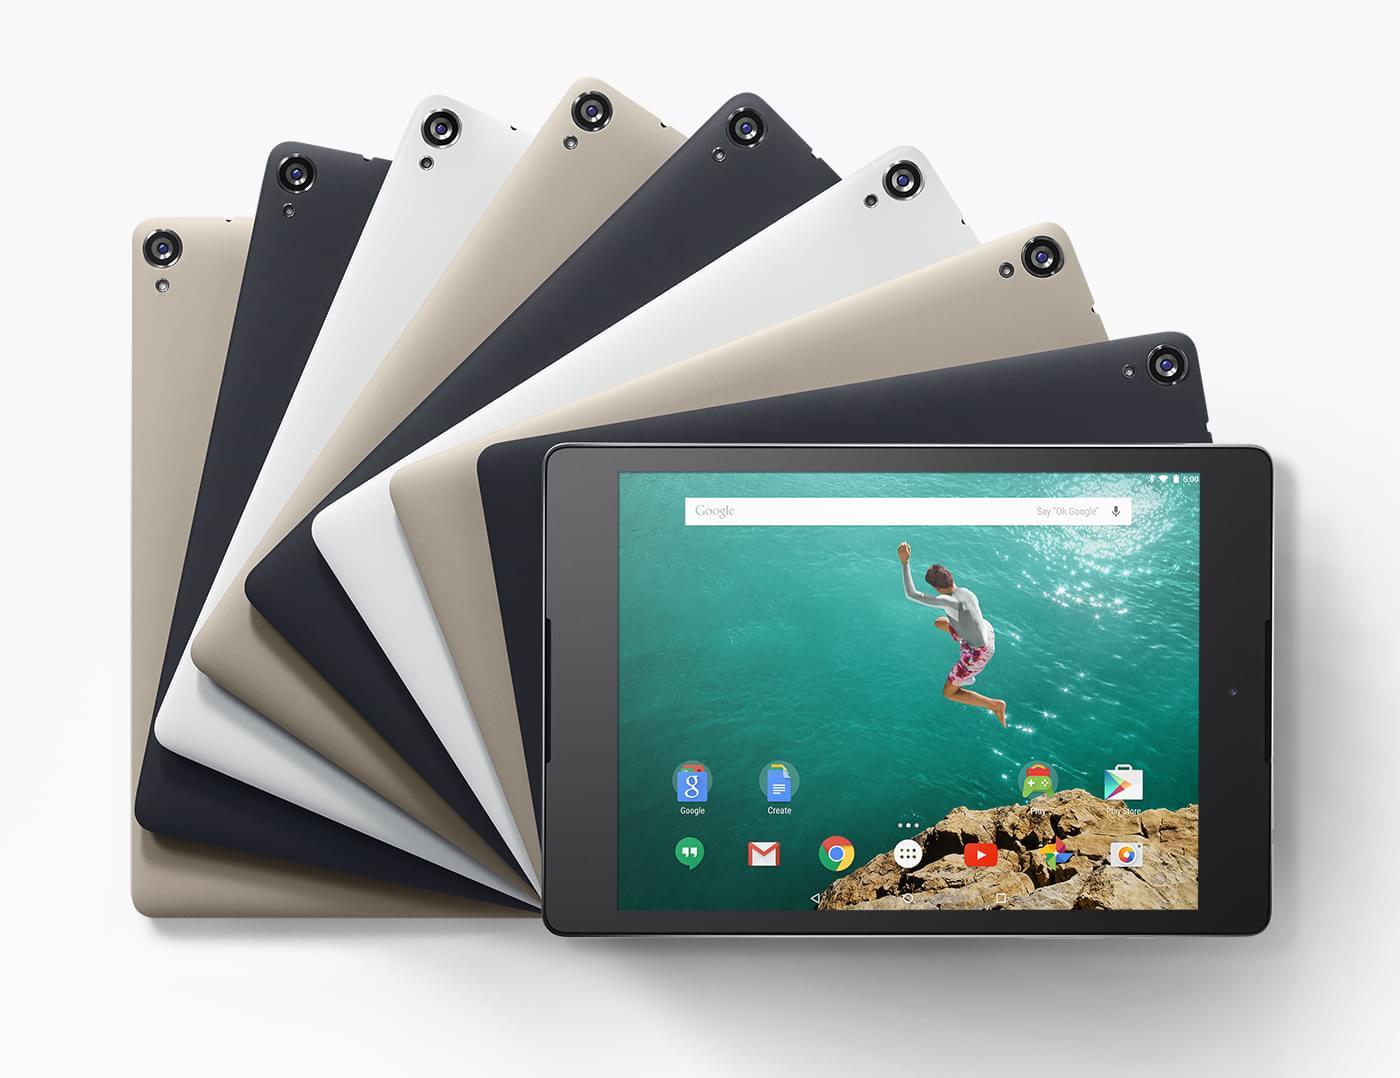 Imagem de Estamos testando: tablet Google HTC Nexus 9 [vídeo] no site TecMundo